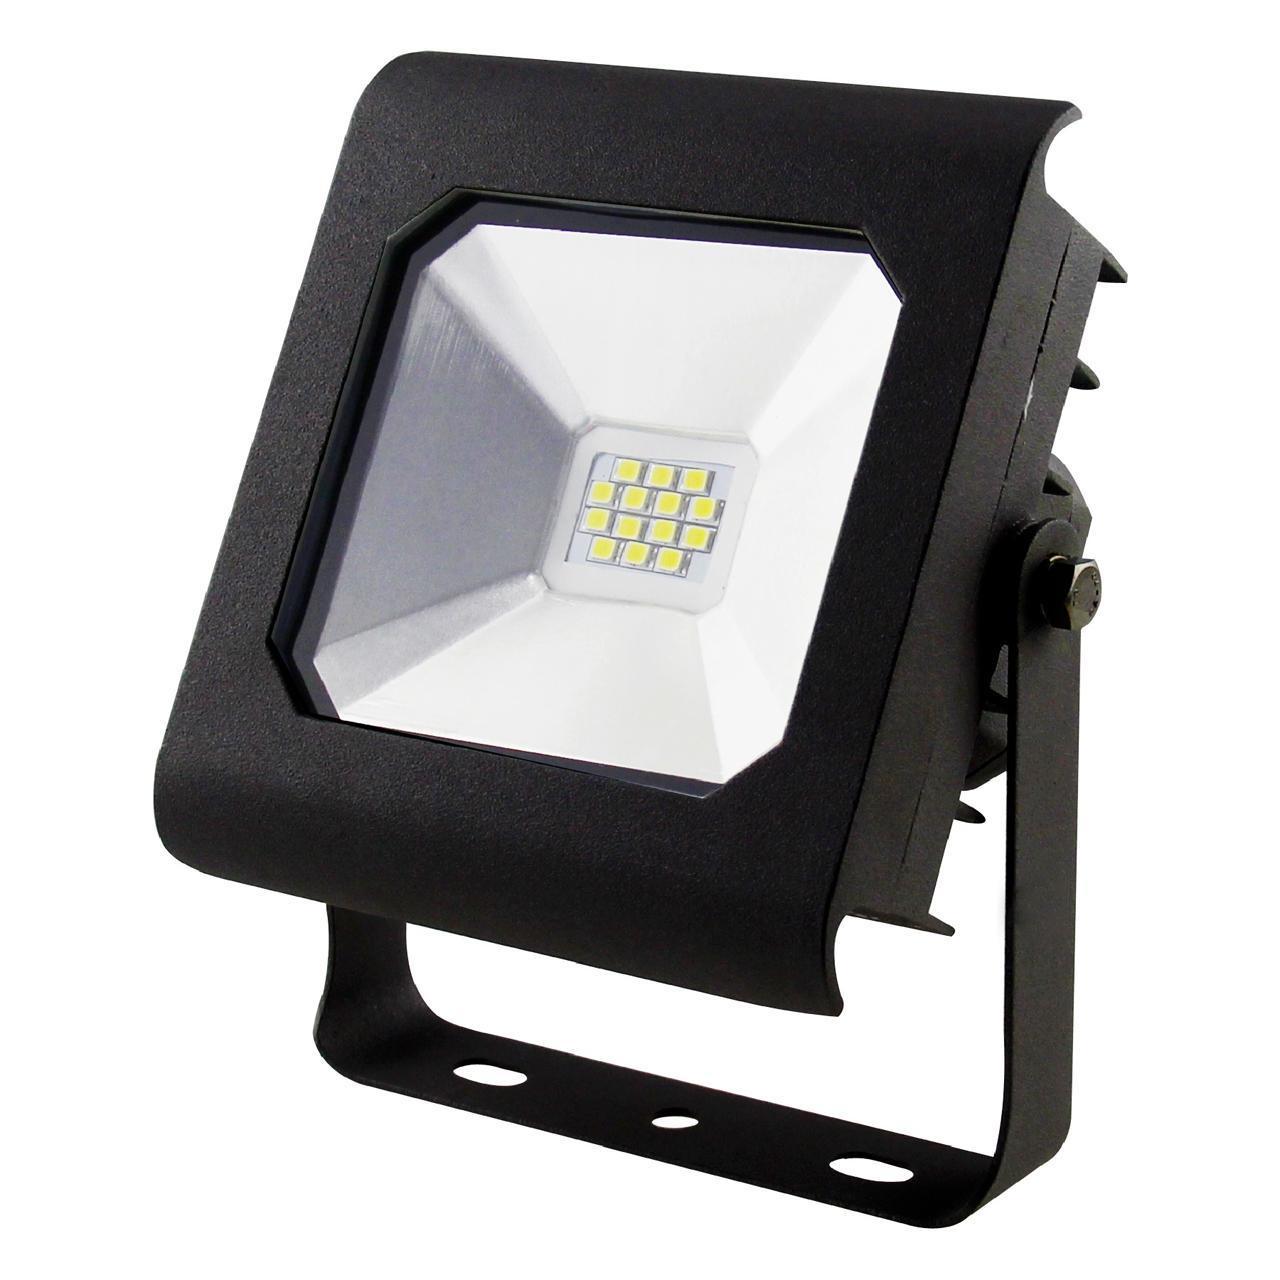 Прожектор Эра LPR-10-6500K-M SMD PRO, 10 Вт прожектор эра 30 вт